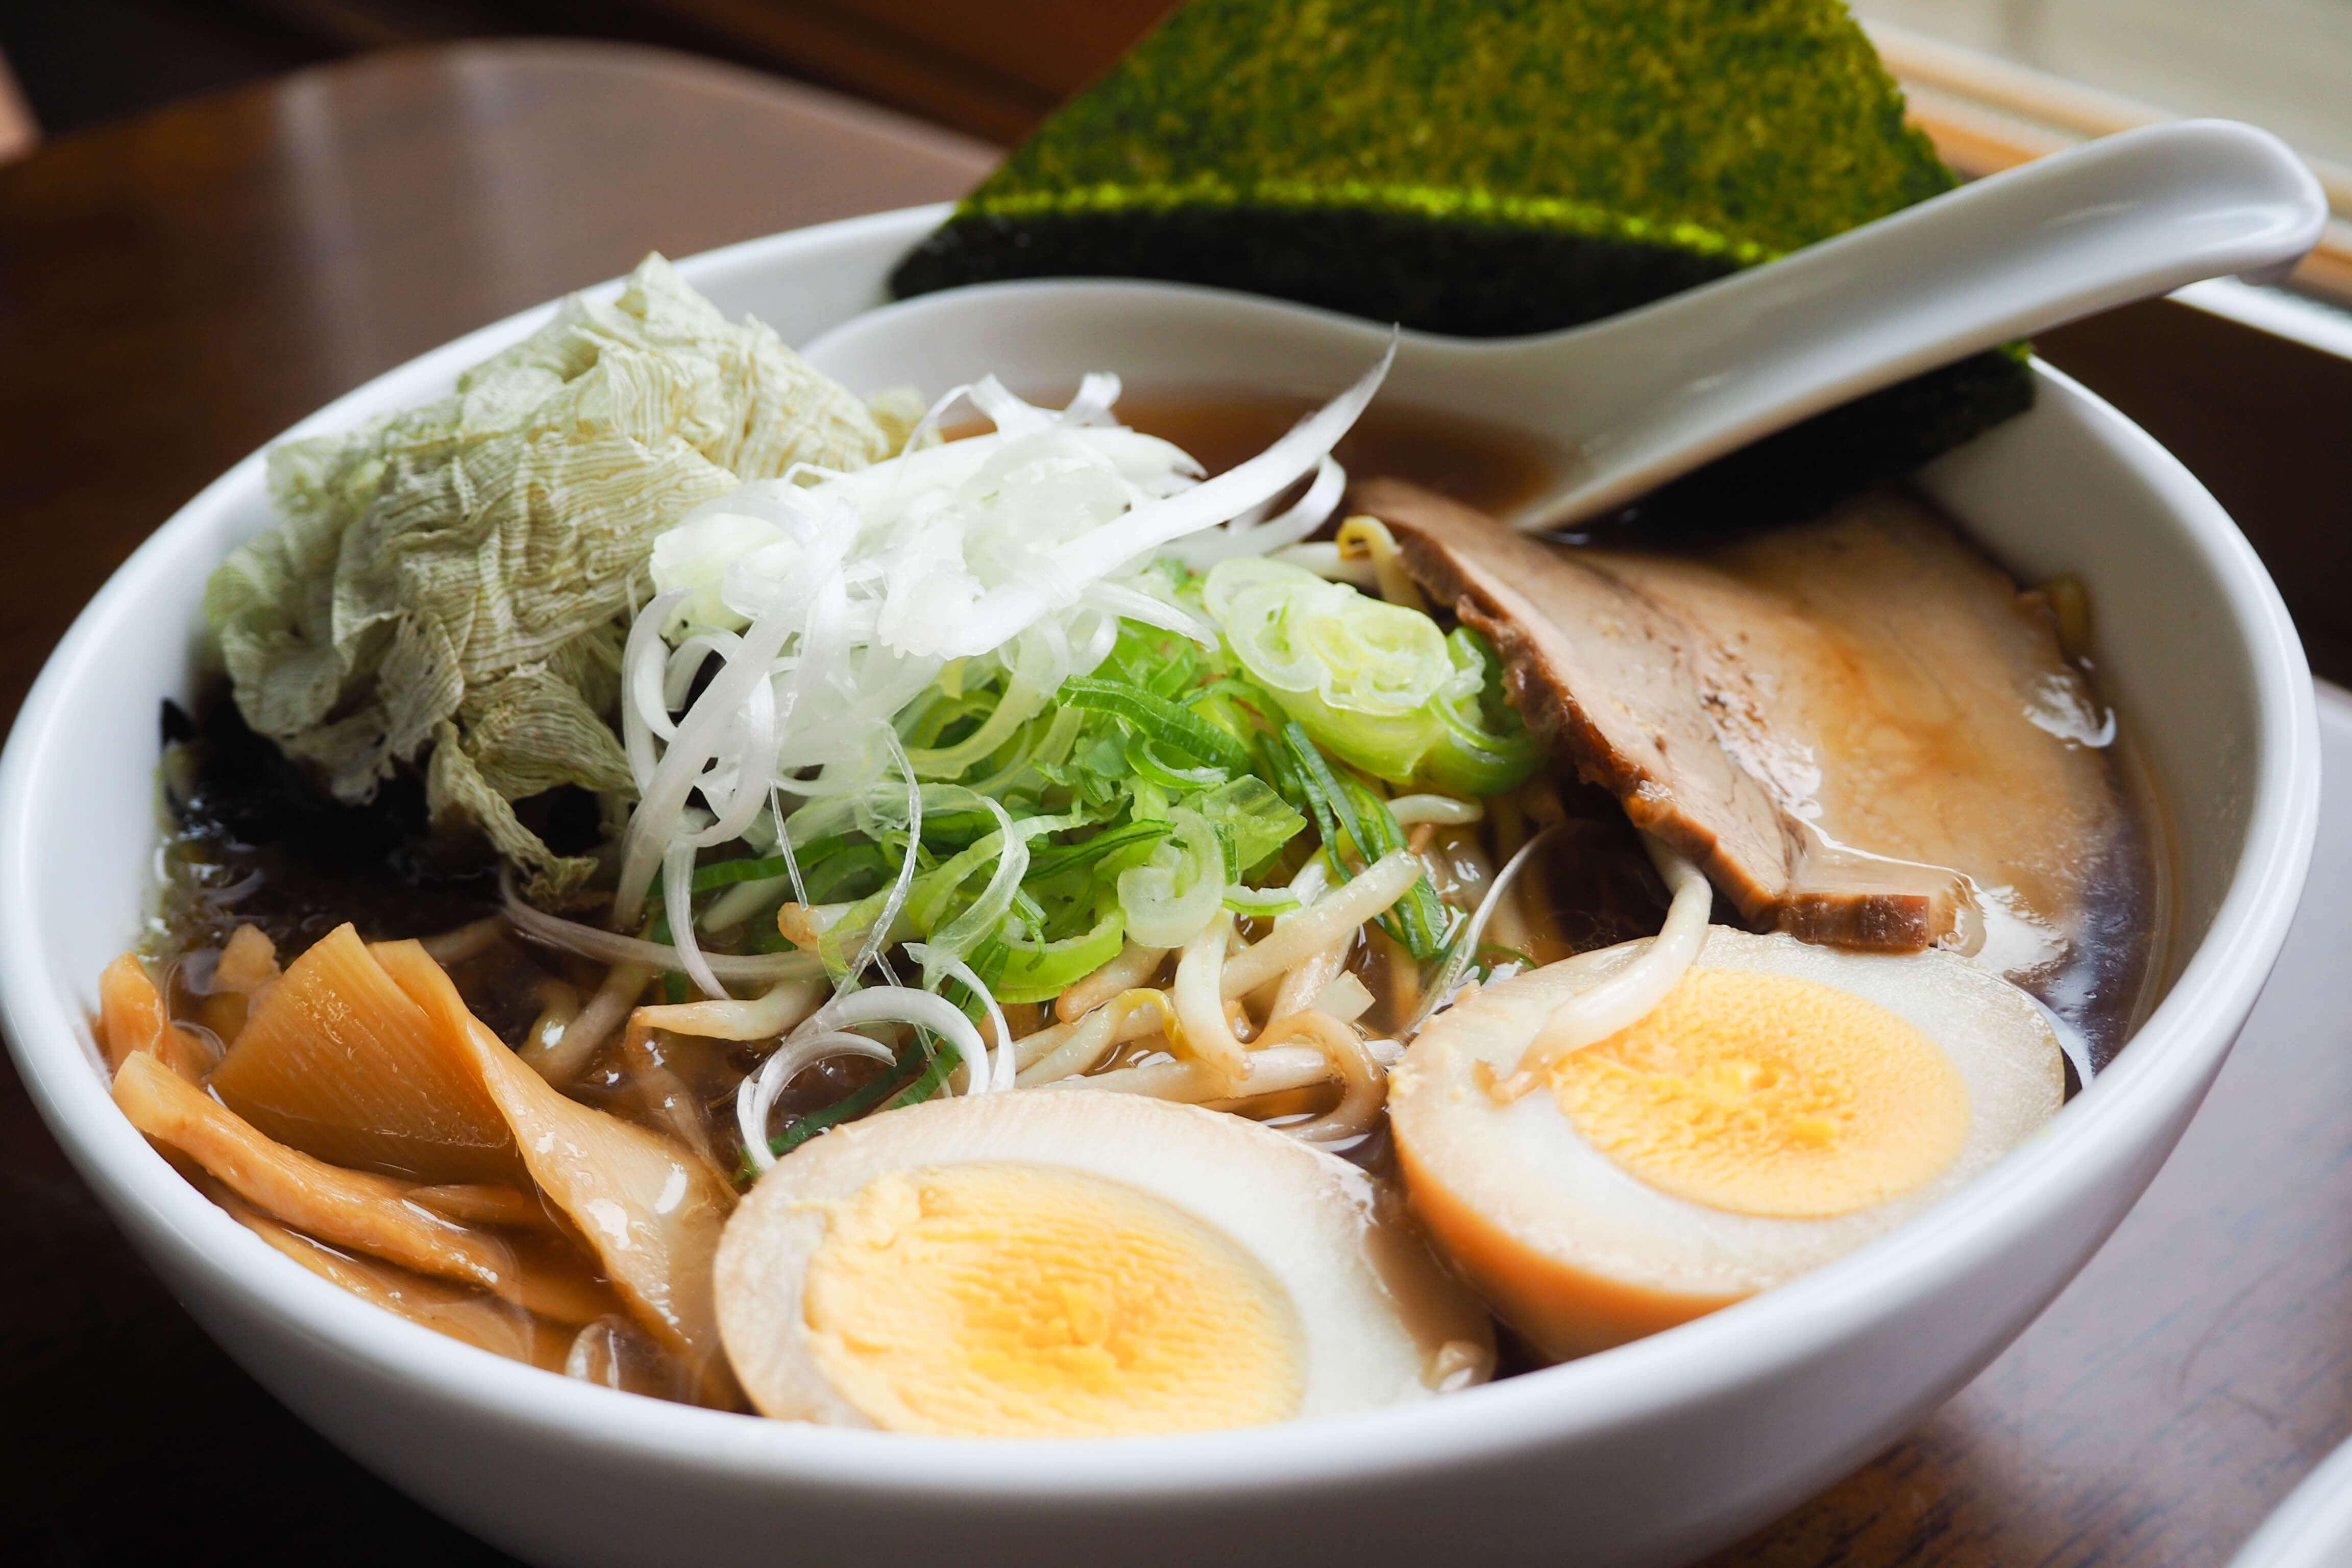 北海道稚內利尻島⎮最難到訪的米其林拉麵店 味樂拉麵 - Chien倩。日日常